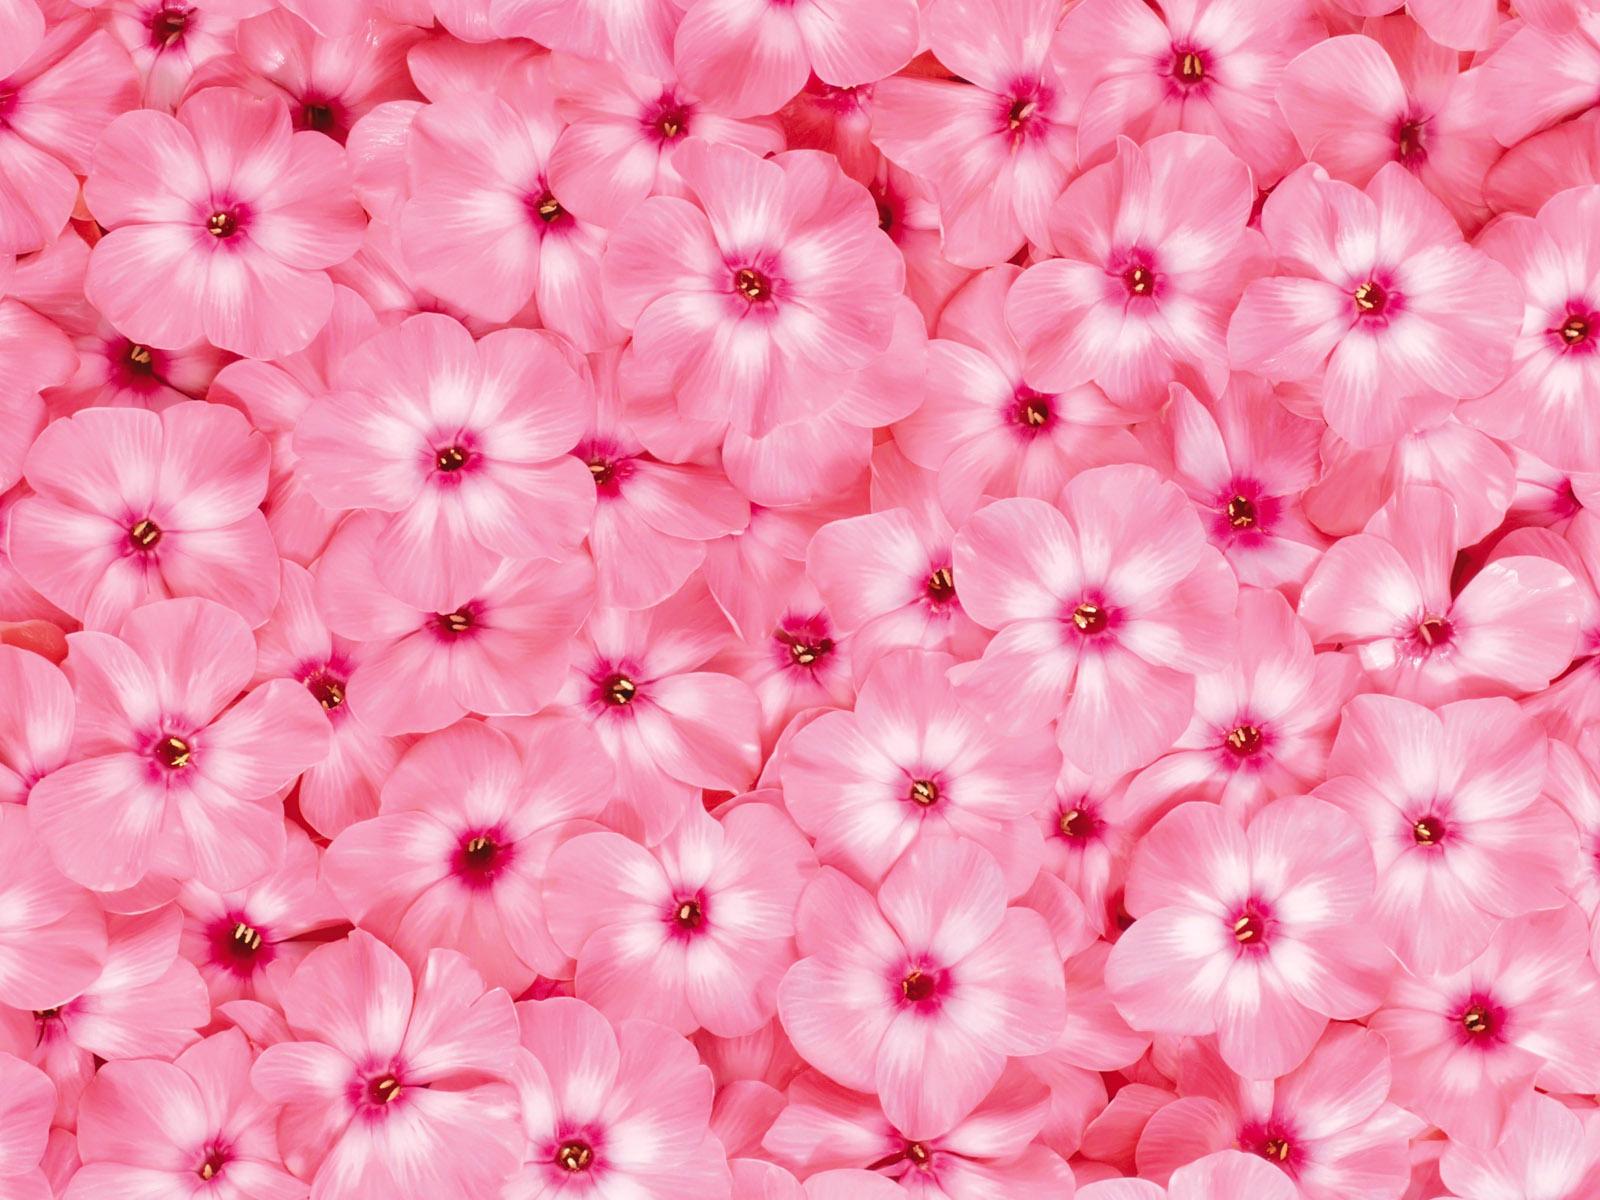 процессе красивый фон с цветочками картинка наше